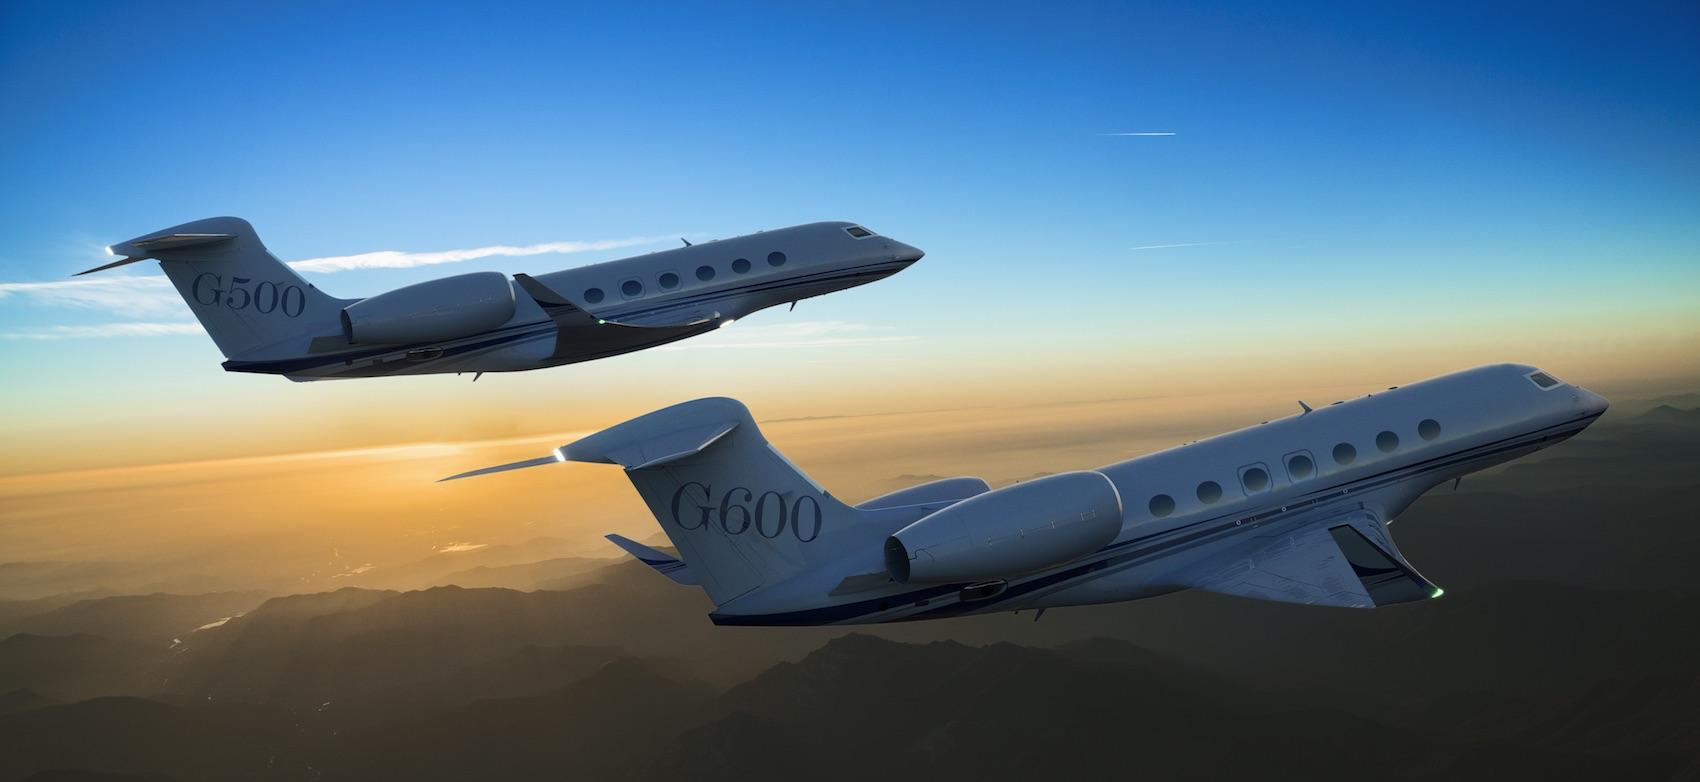 Новые самолеты, появление которых с нетерпением ждут в 2018